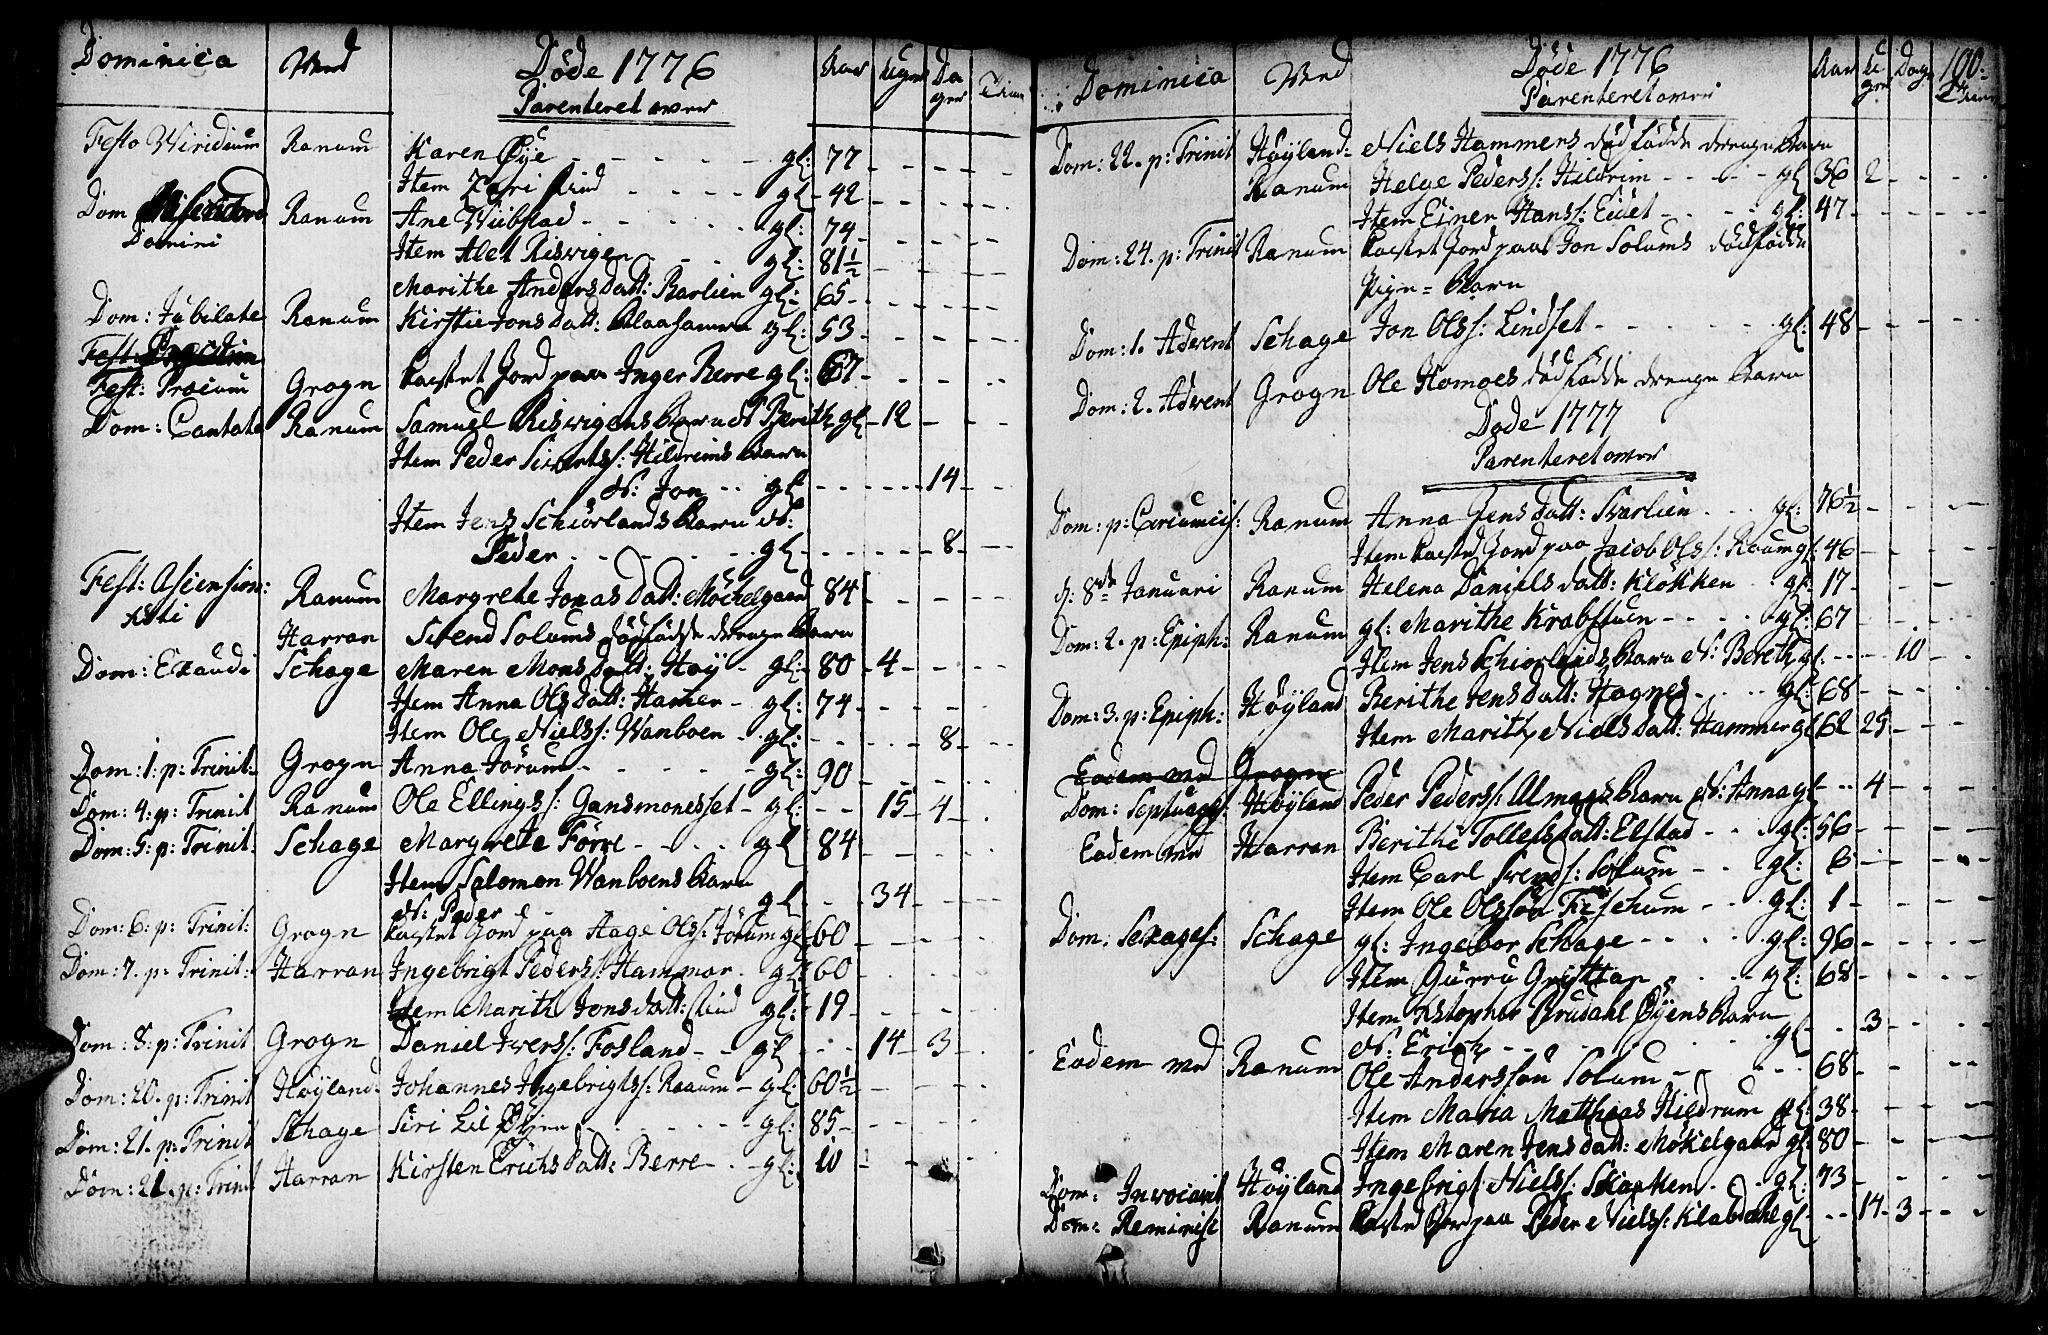 SAT, Ministerialprotokoller, klokkerbøker og fødselsregistre - Nord-Trøndelag, 764/L0542: Ministerialbok nr. 764A02, 1748-1779, s. 190